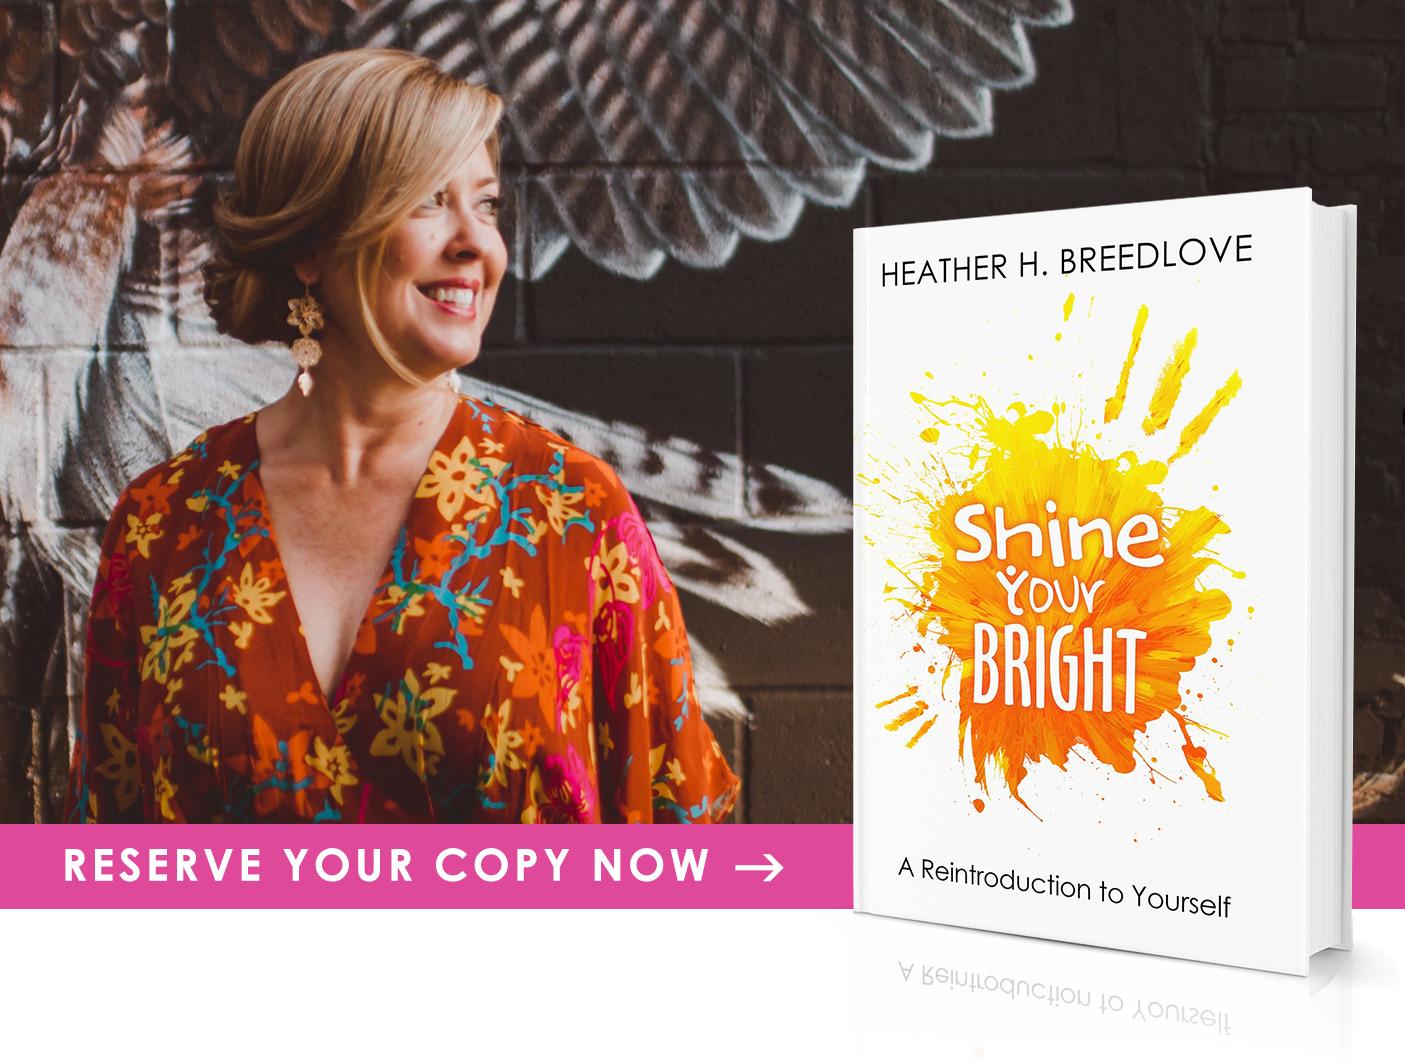 Book_ShineYourBright_Heather_Hero.jpg